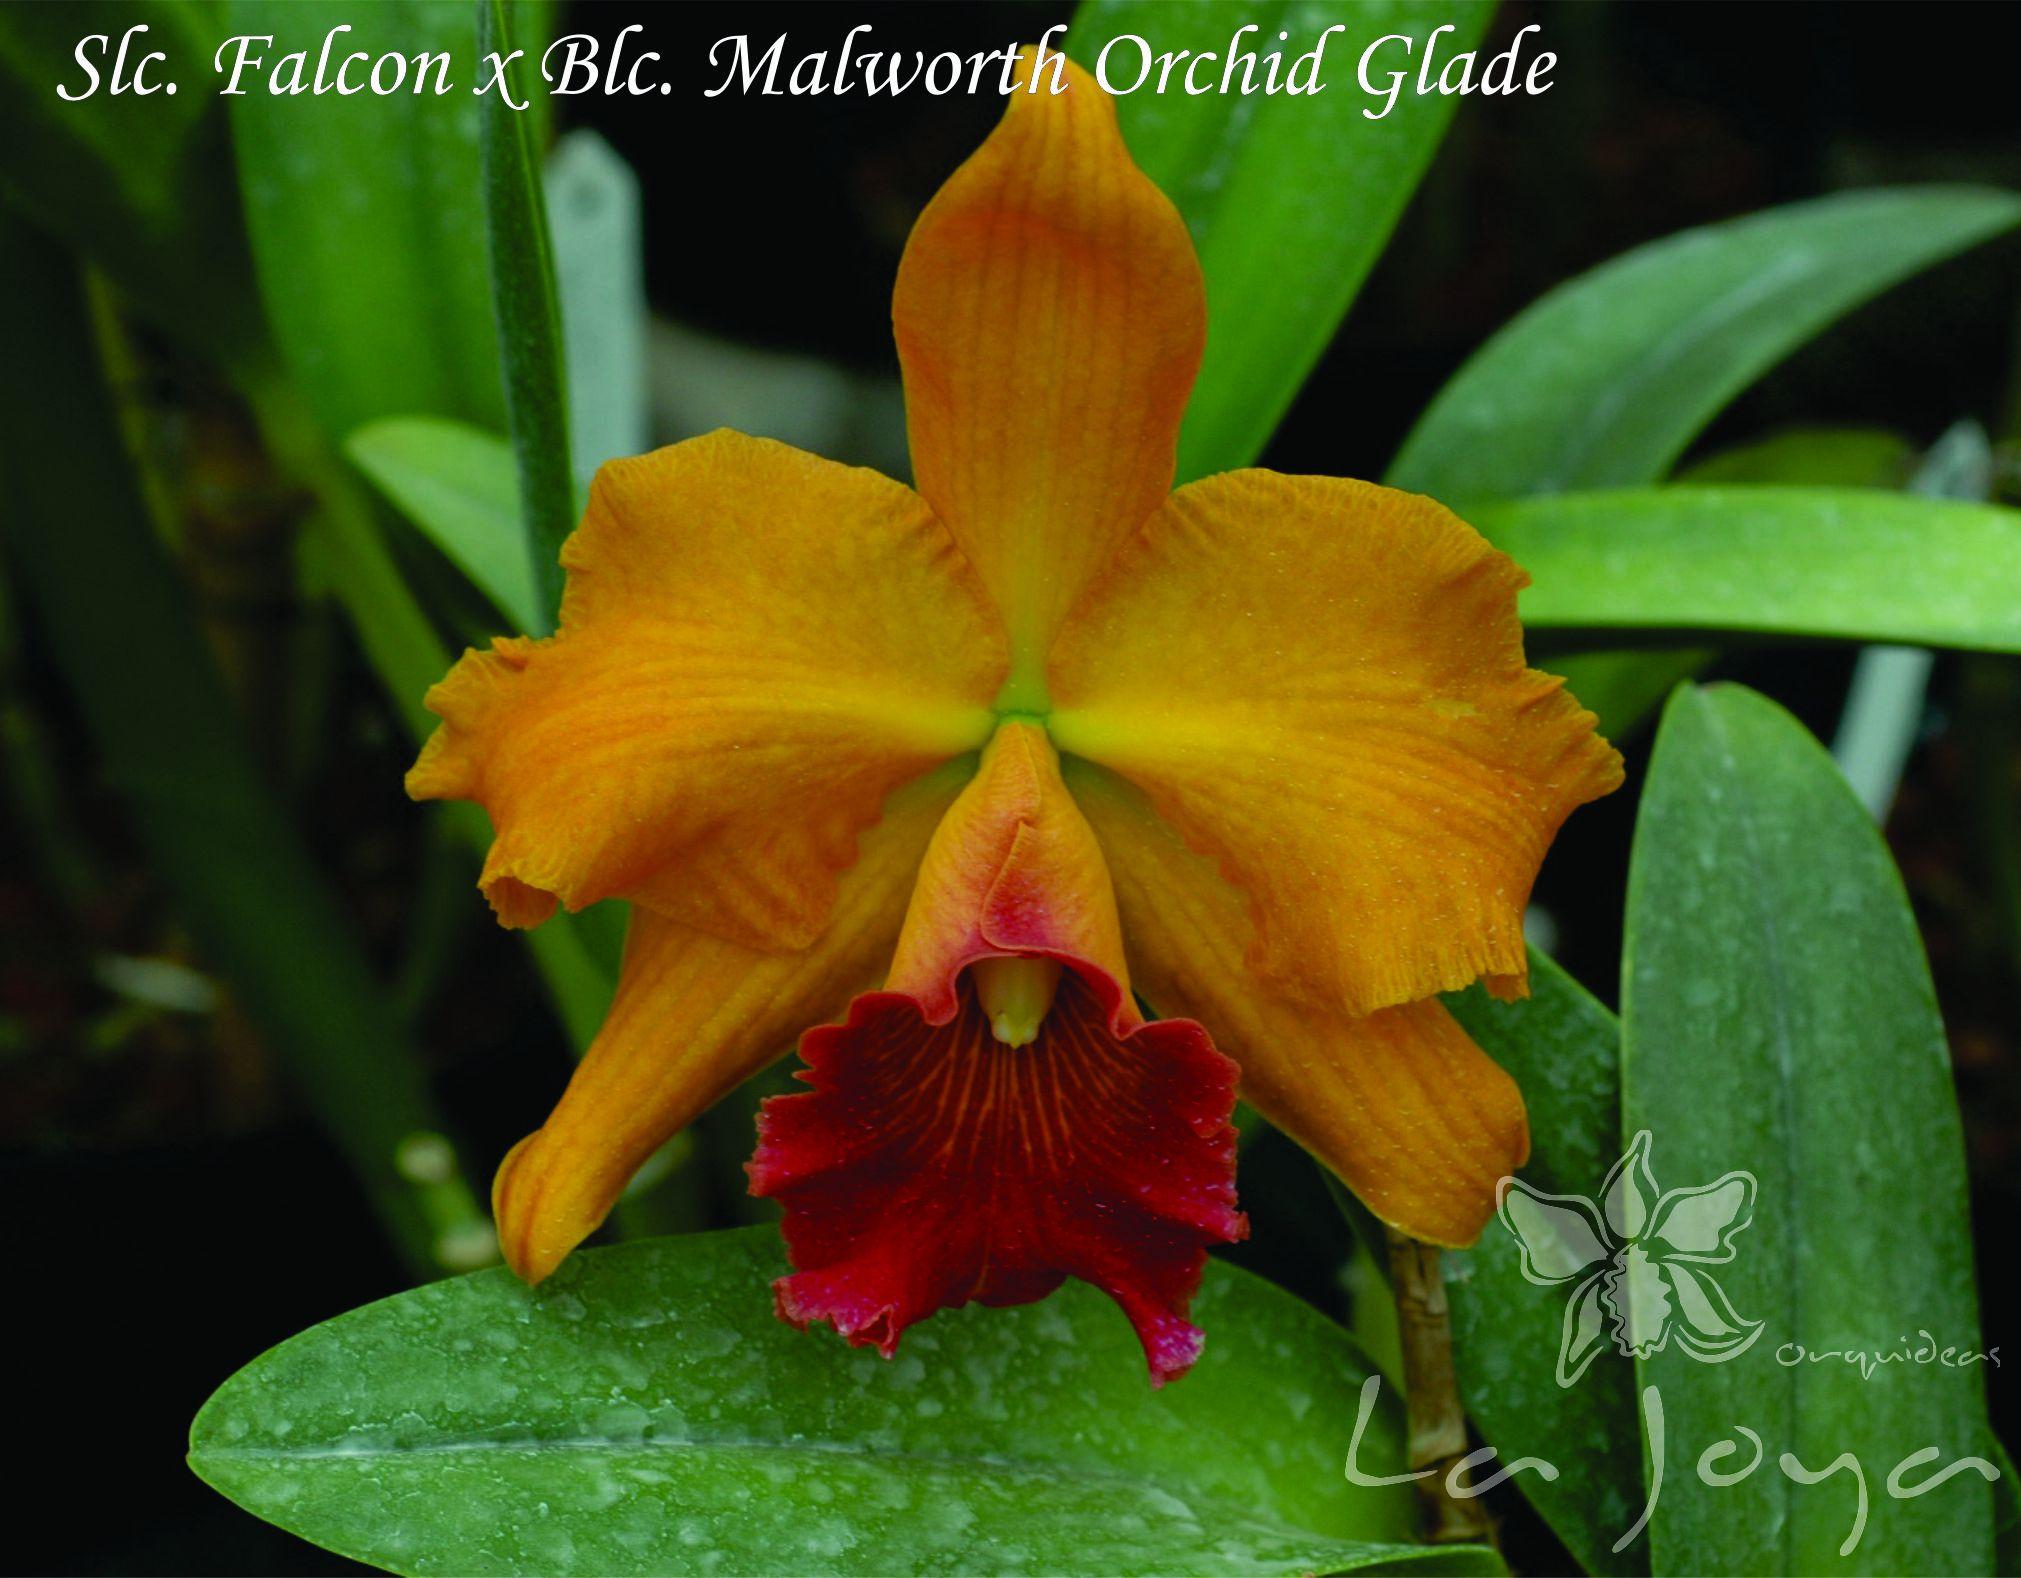 Slc. Falcon x Blc. Malworth Orchid Glade